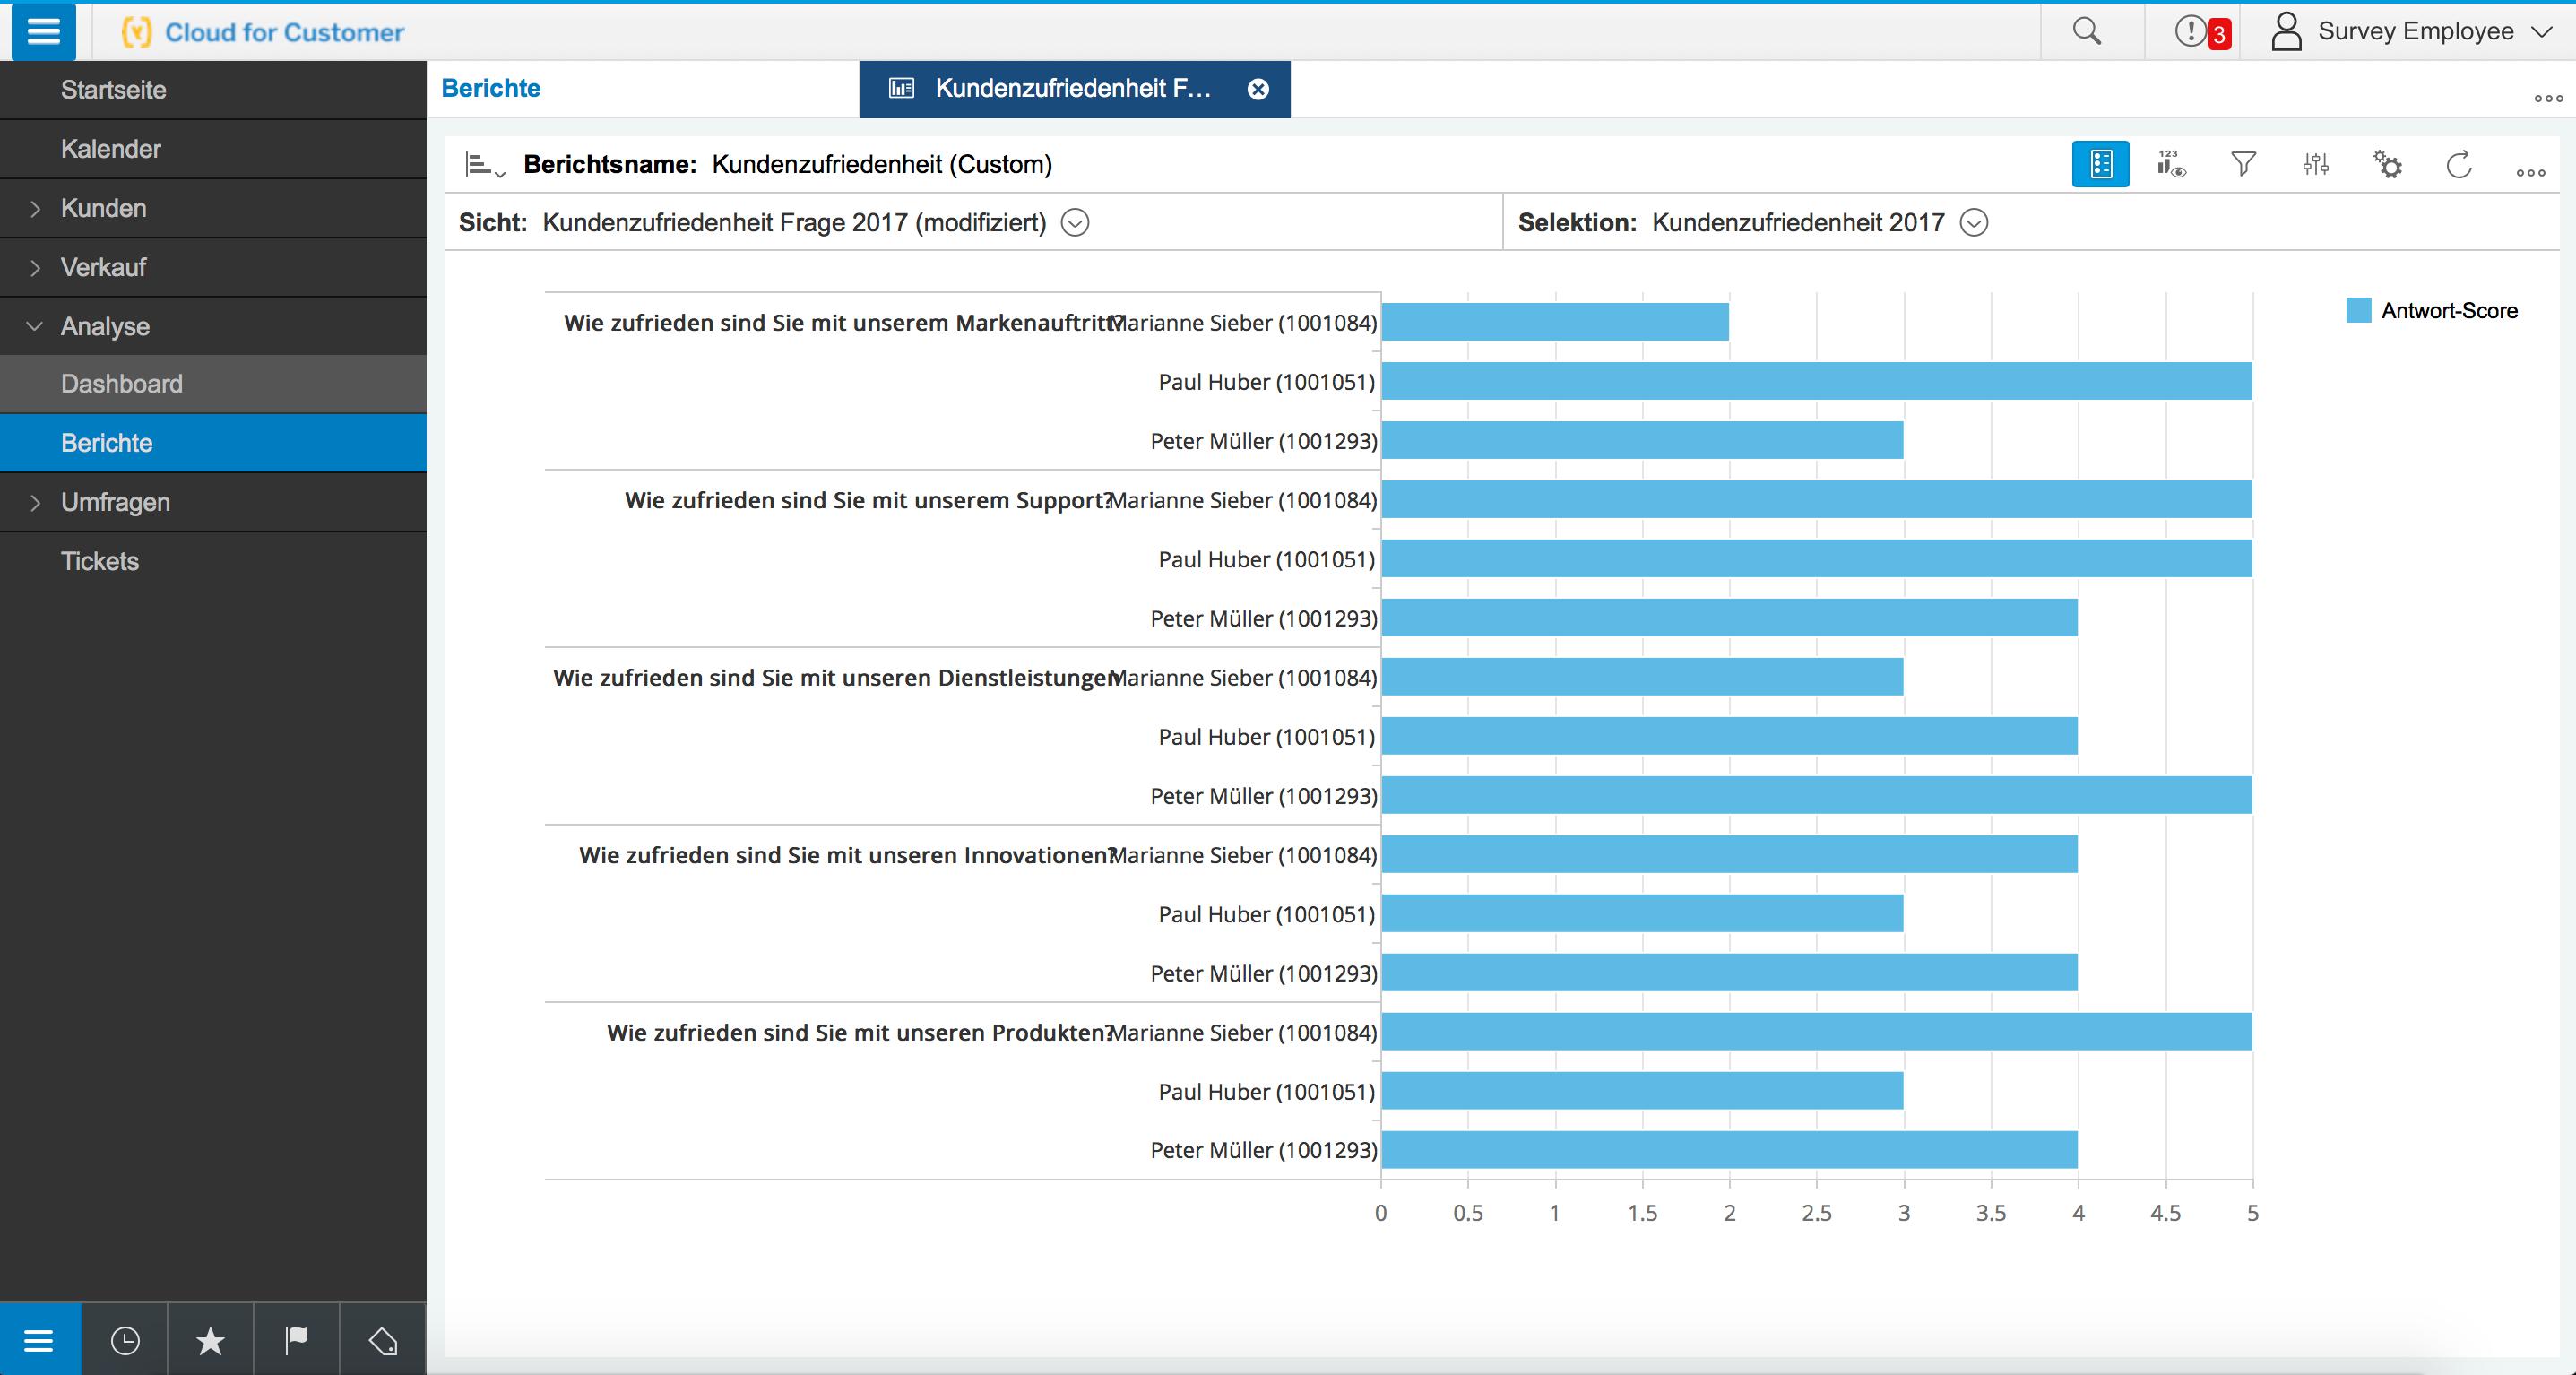 Analysemöglichkeiten innerhalb SAP Hybris C4C: Kundenzufriedenheit gesamt